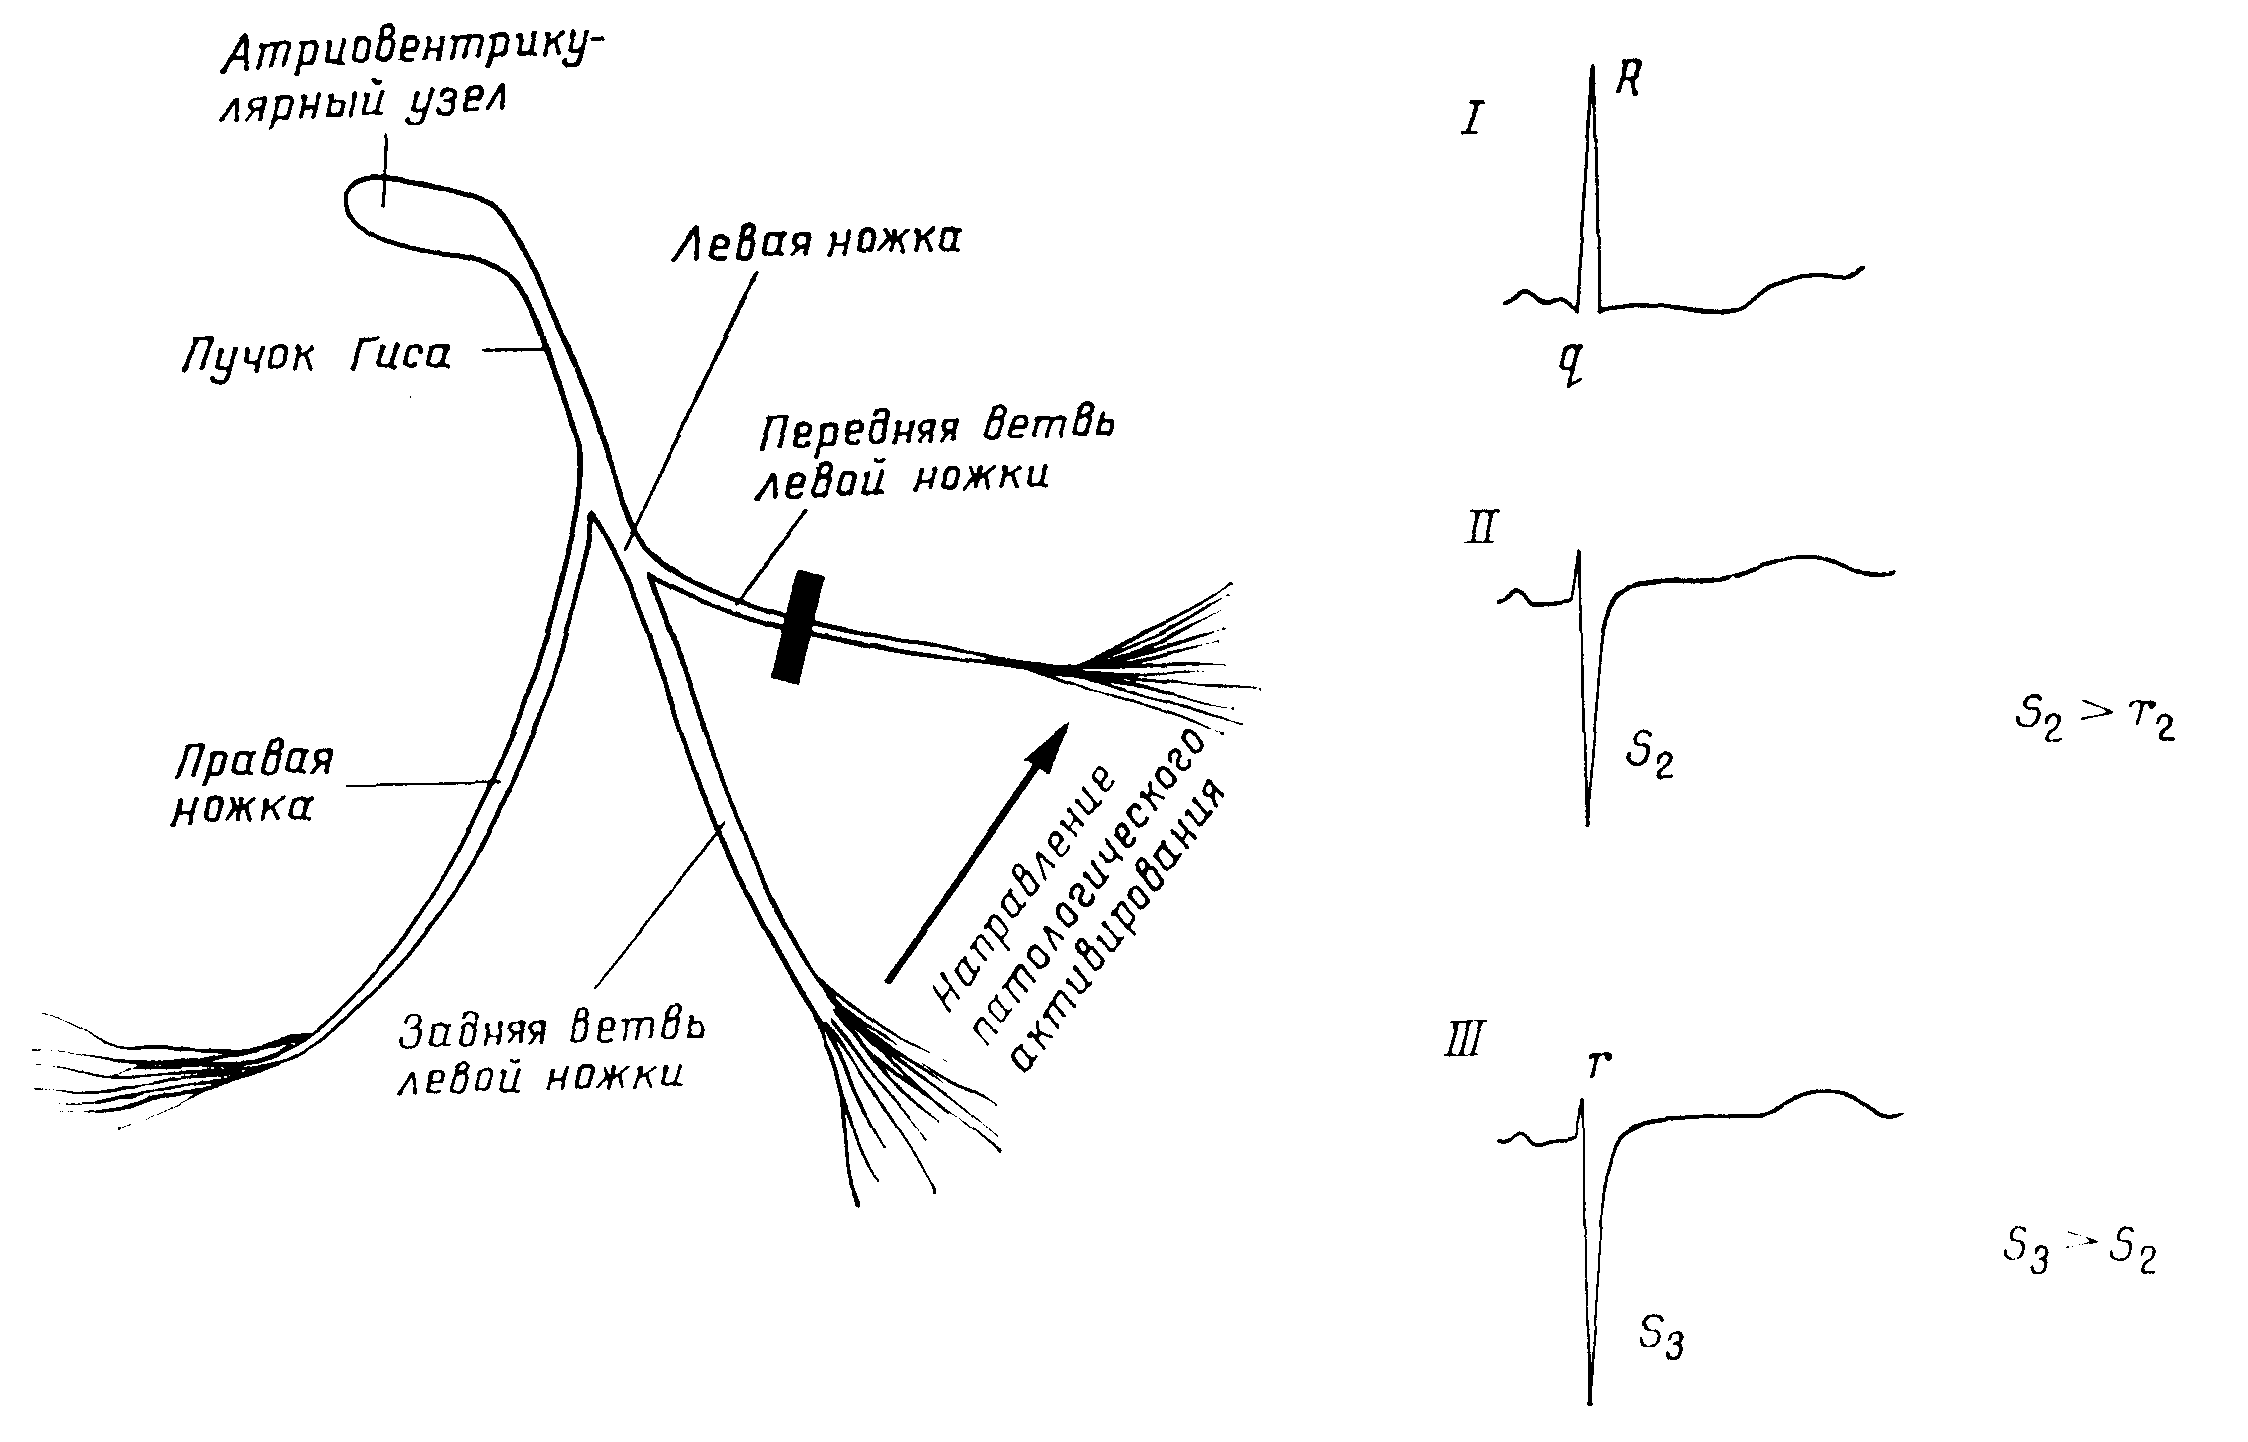 Блокада передней ветви (гемиблокада) левой ножки пучка гиса